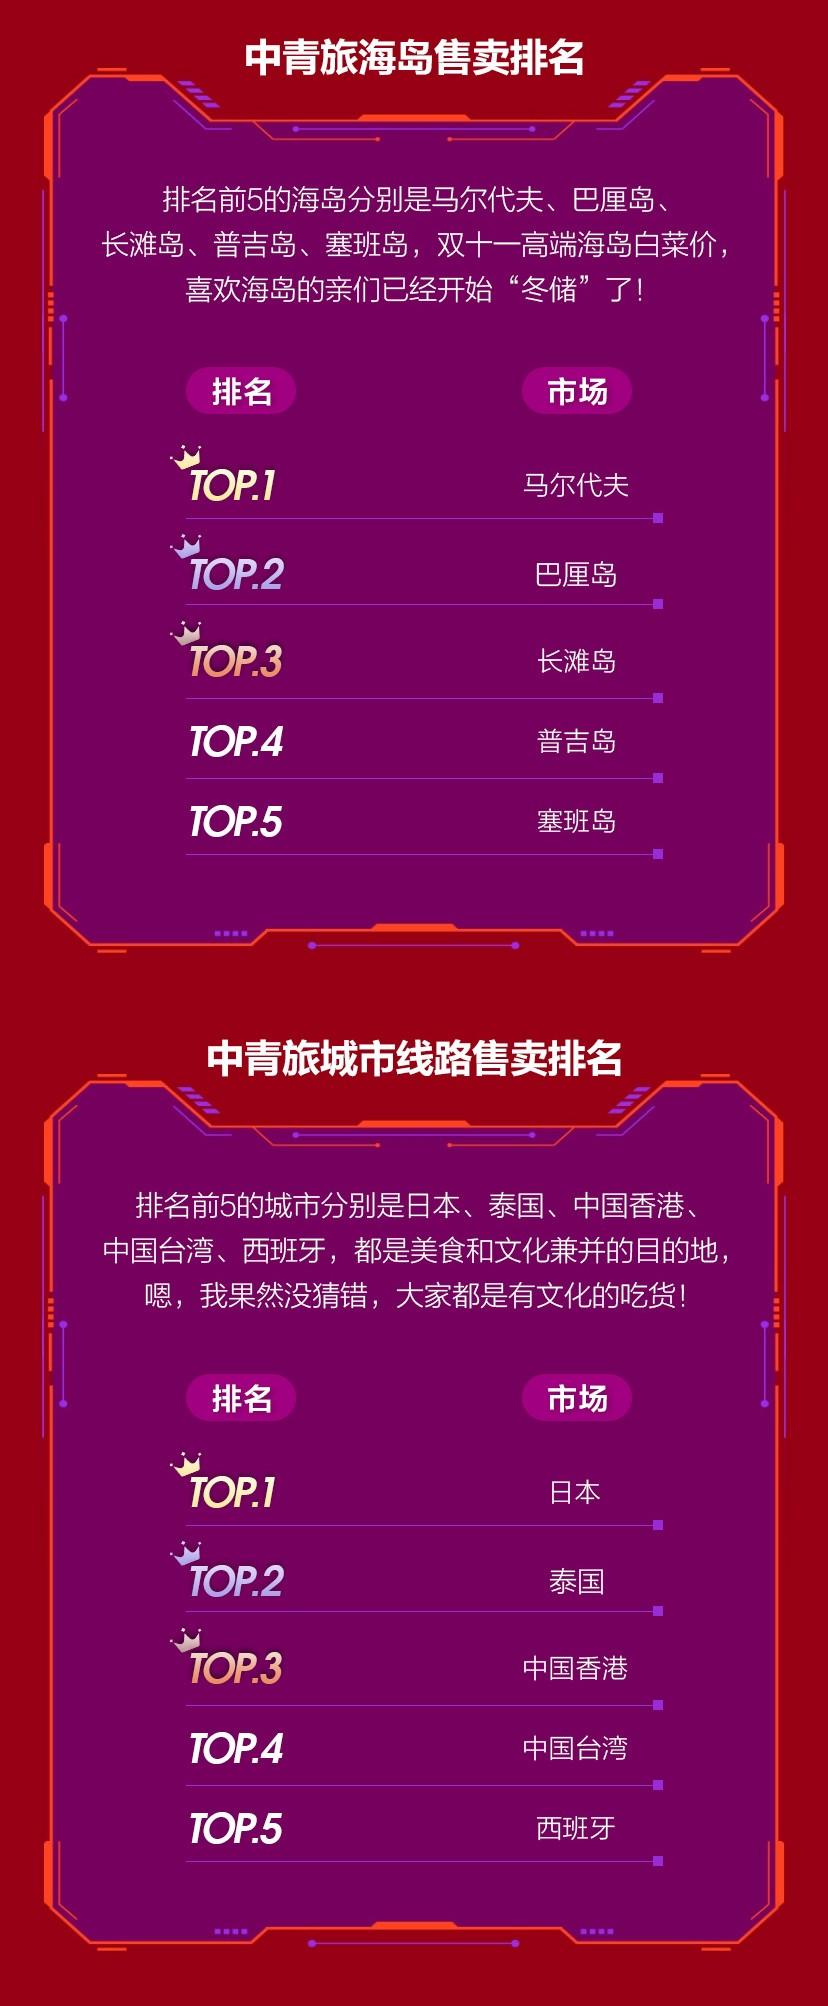 zhongqinglv181112a